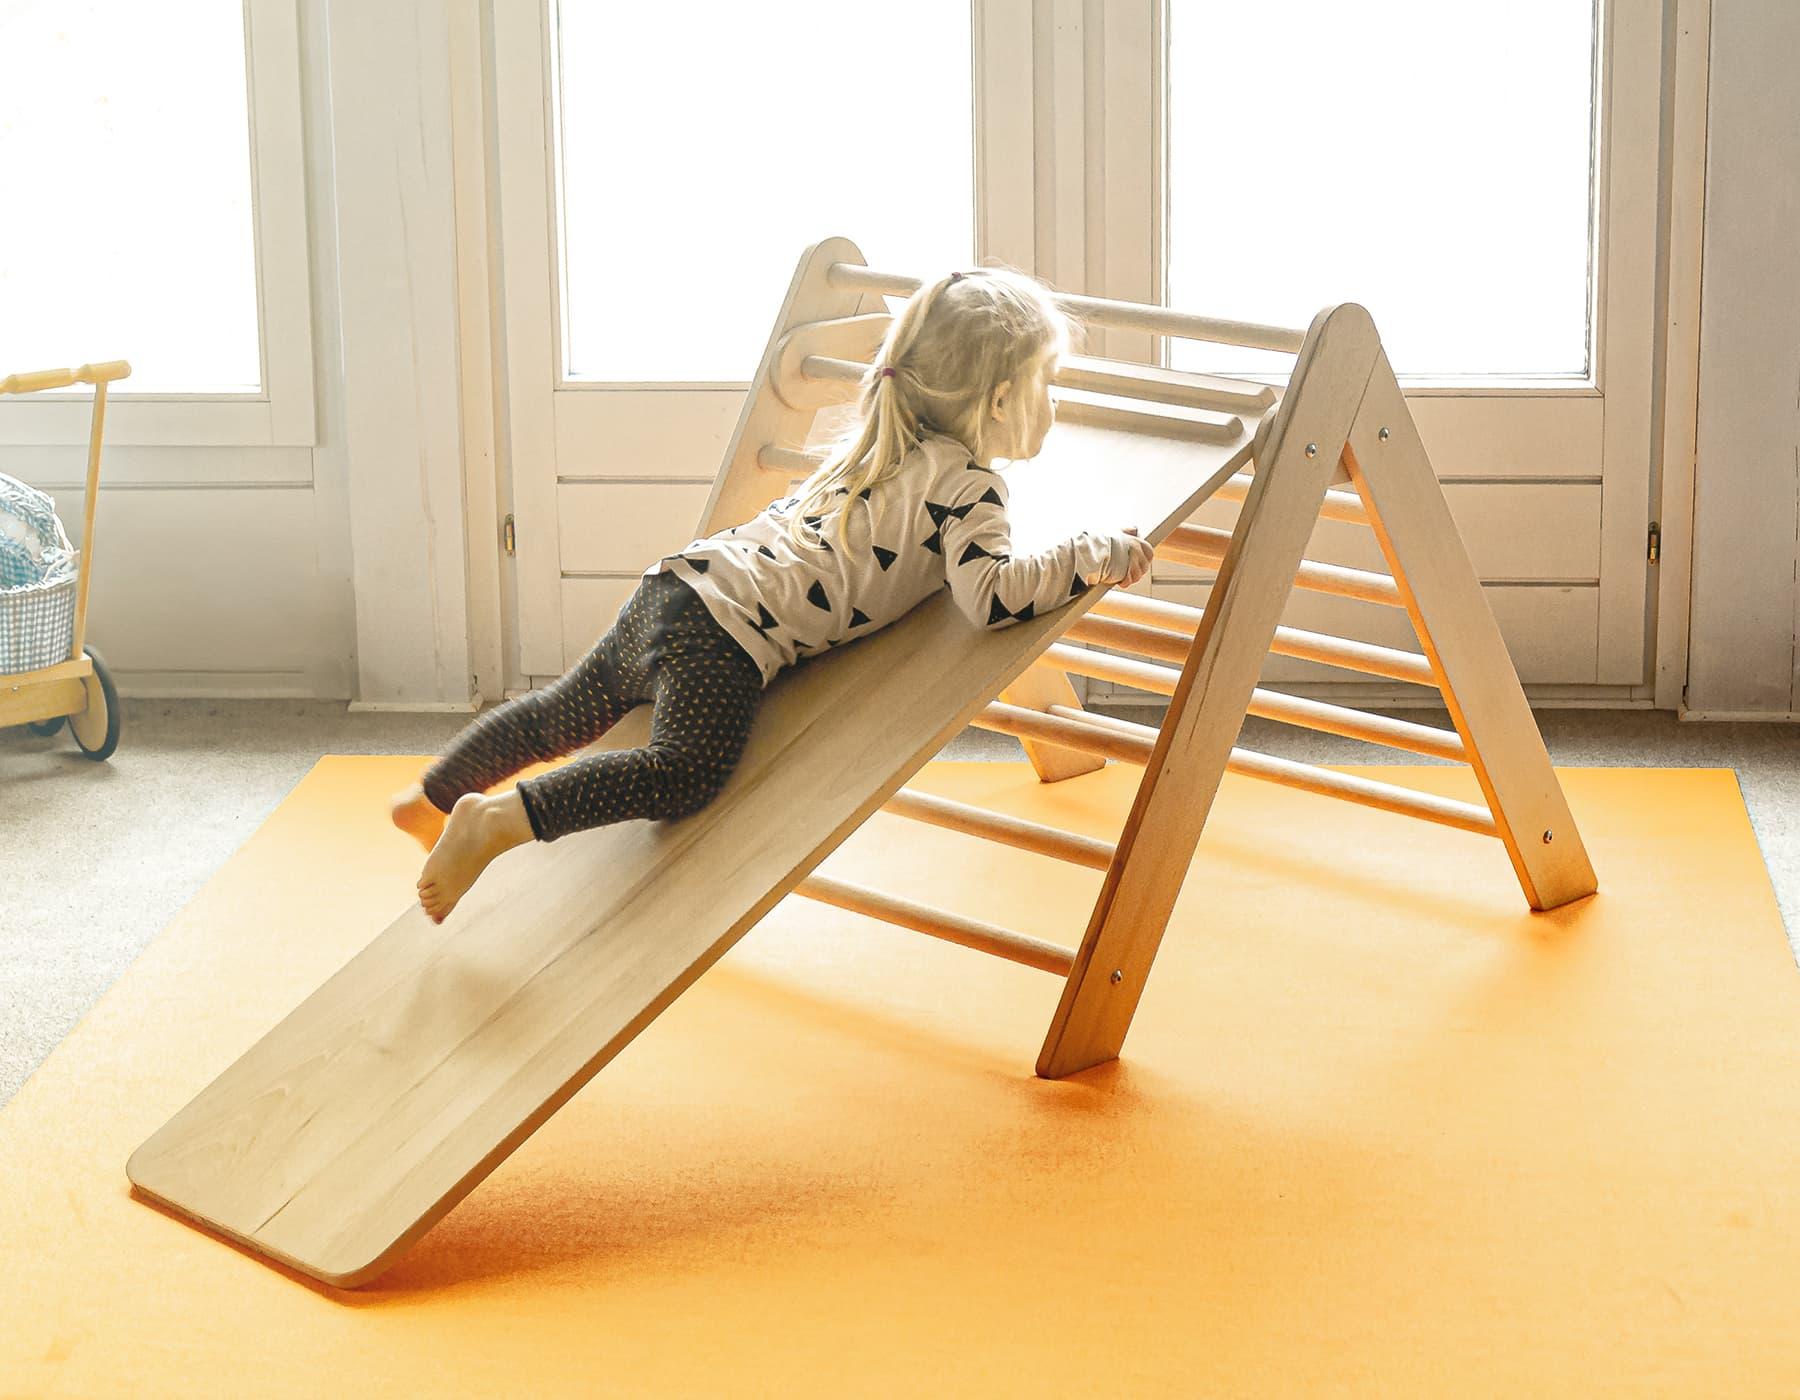 Mädchen spielt auf dem Kletterdreieck